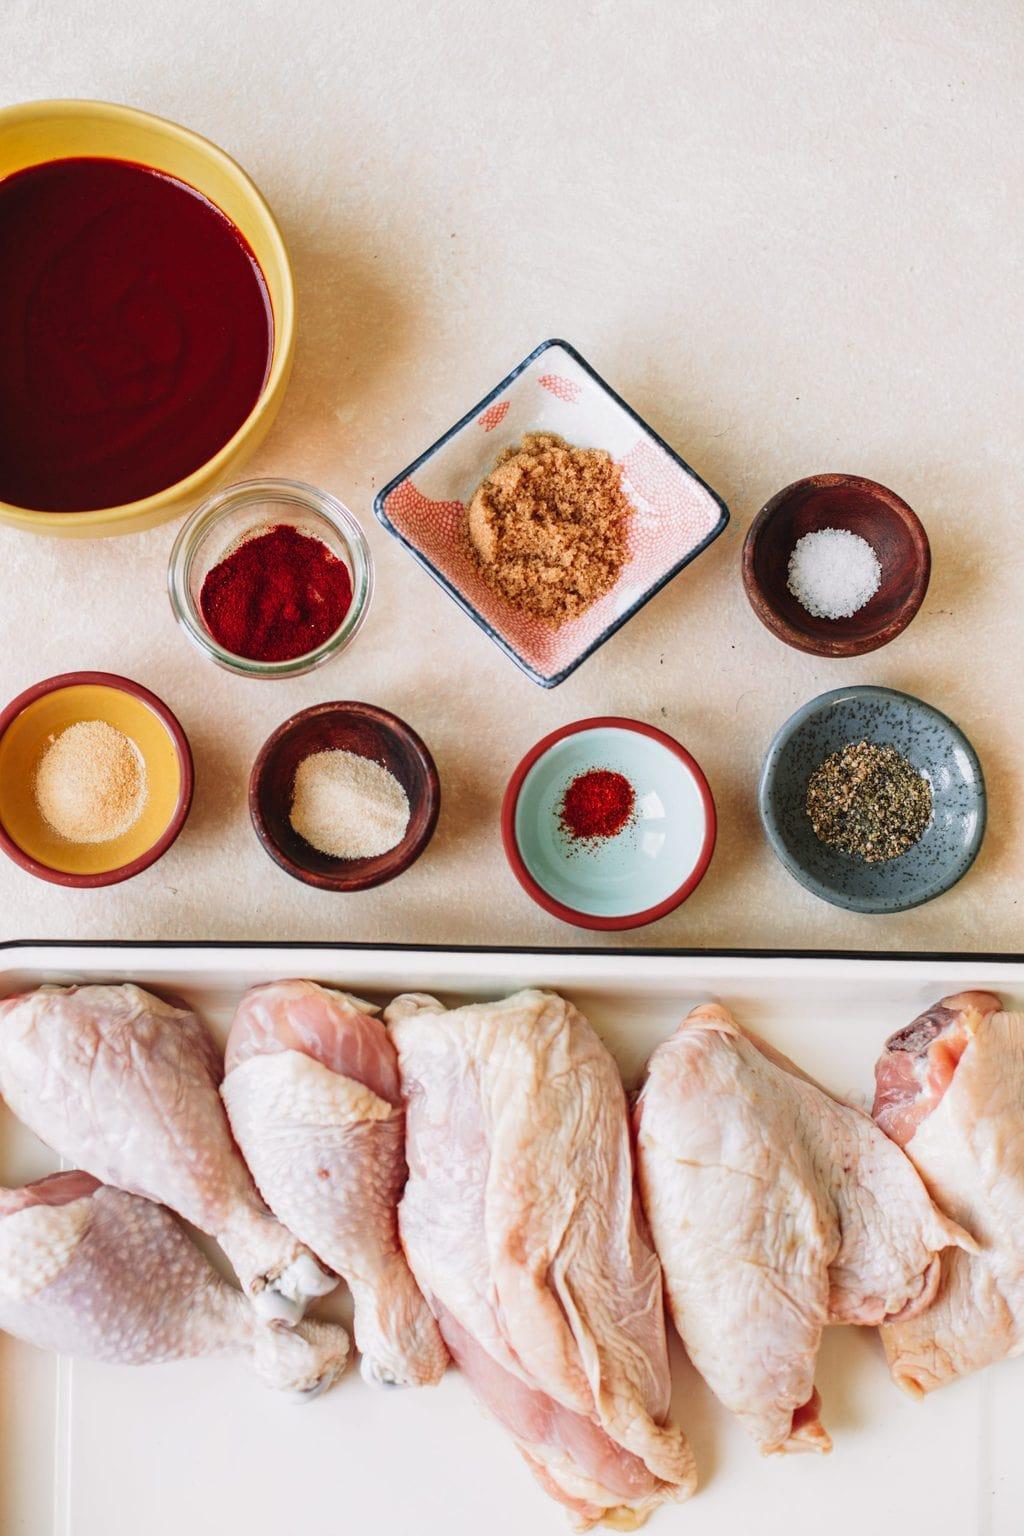 Bbq sauce, garlic powder, smoked paprika, brown sugar, onion powder, cayenne pepper, salt, pepper and bone in chicken.